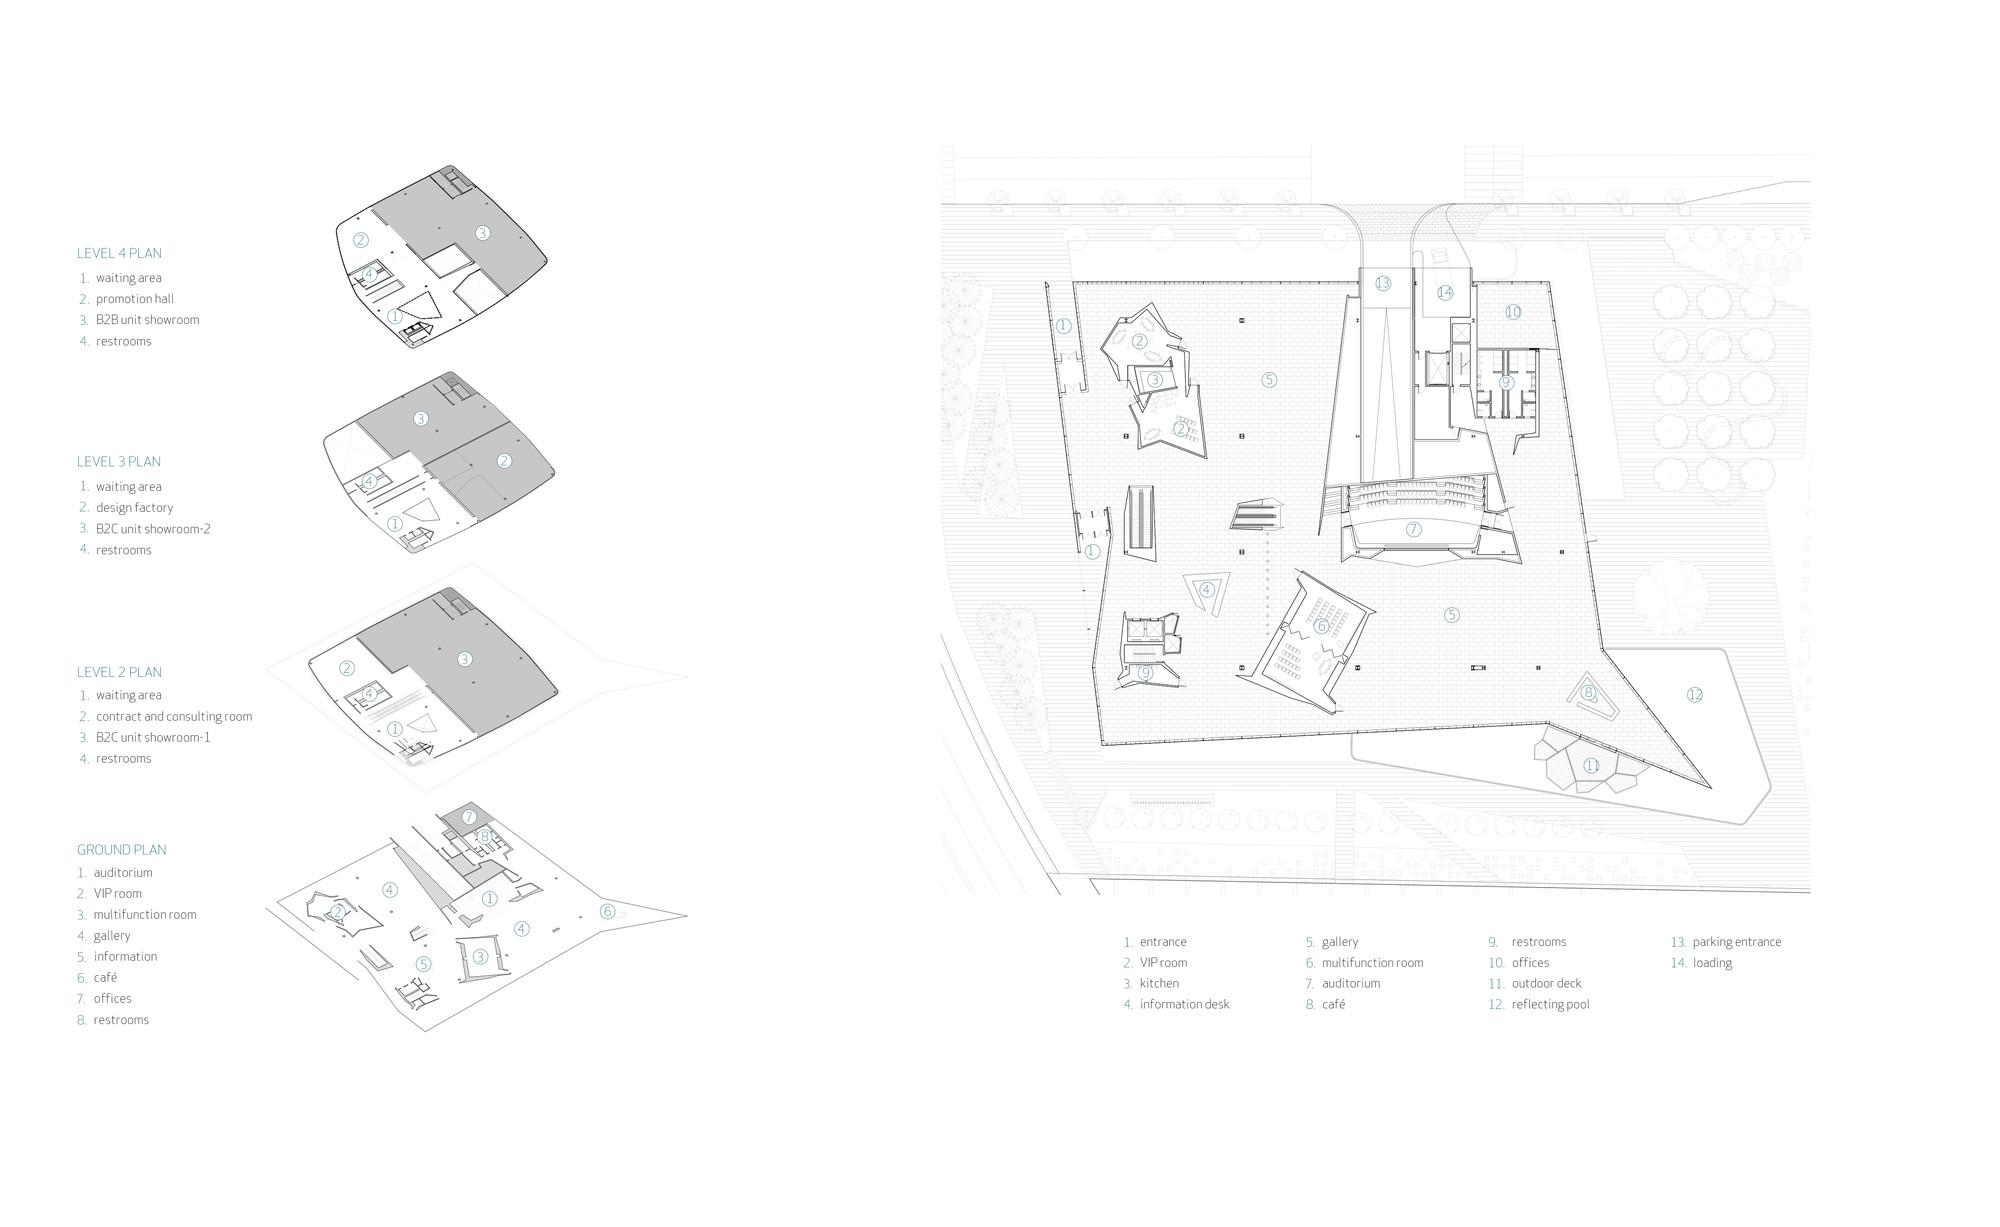 Gallery of Model Home Gallery / NADAAA - 9